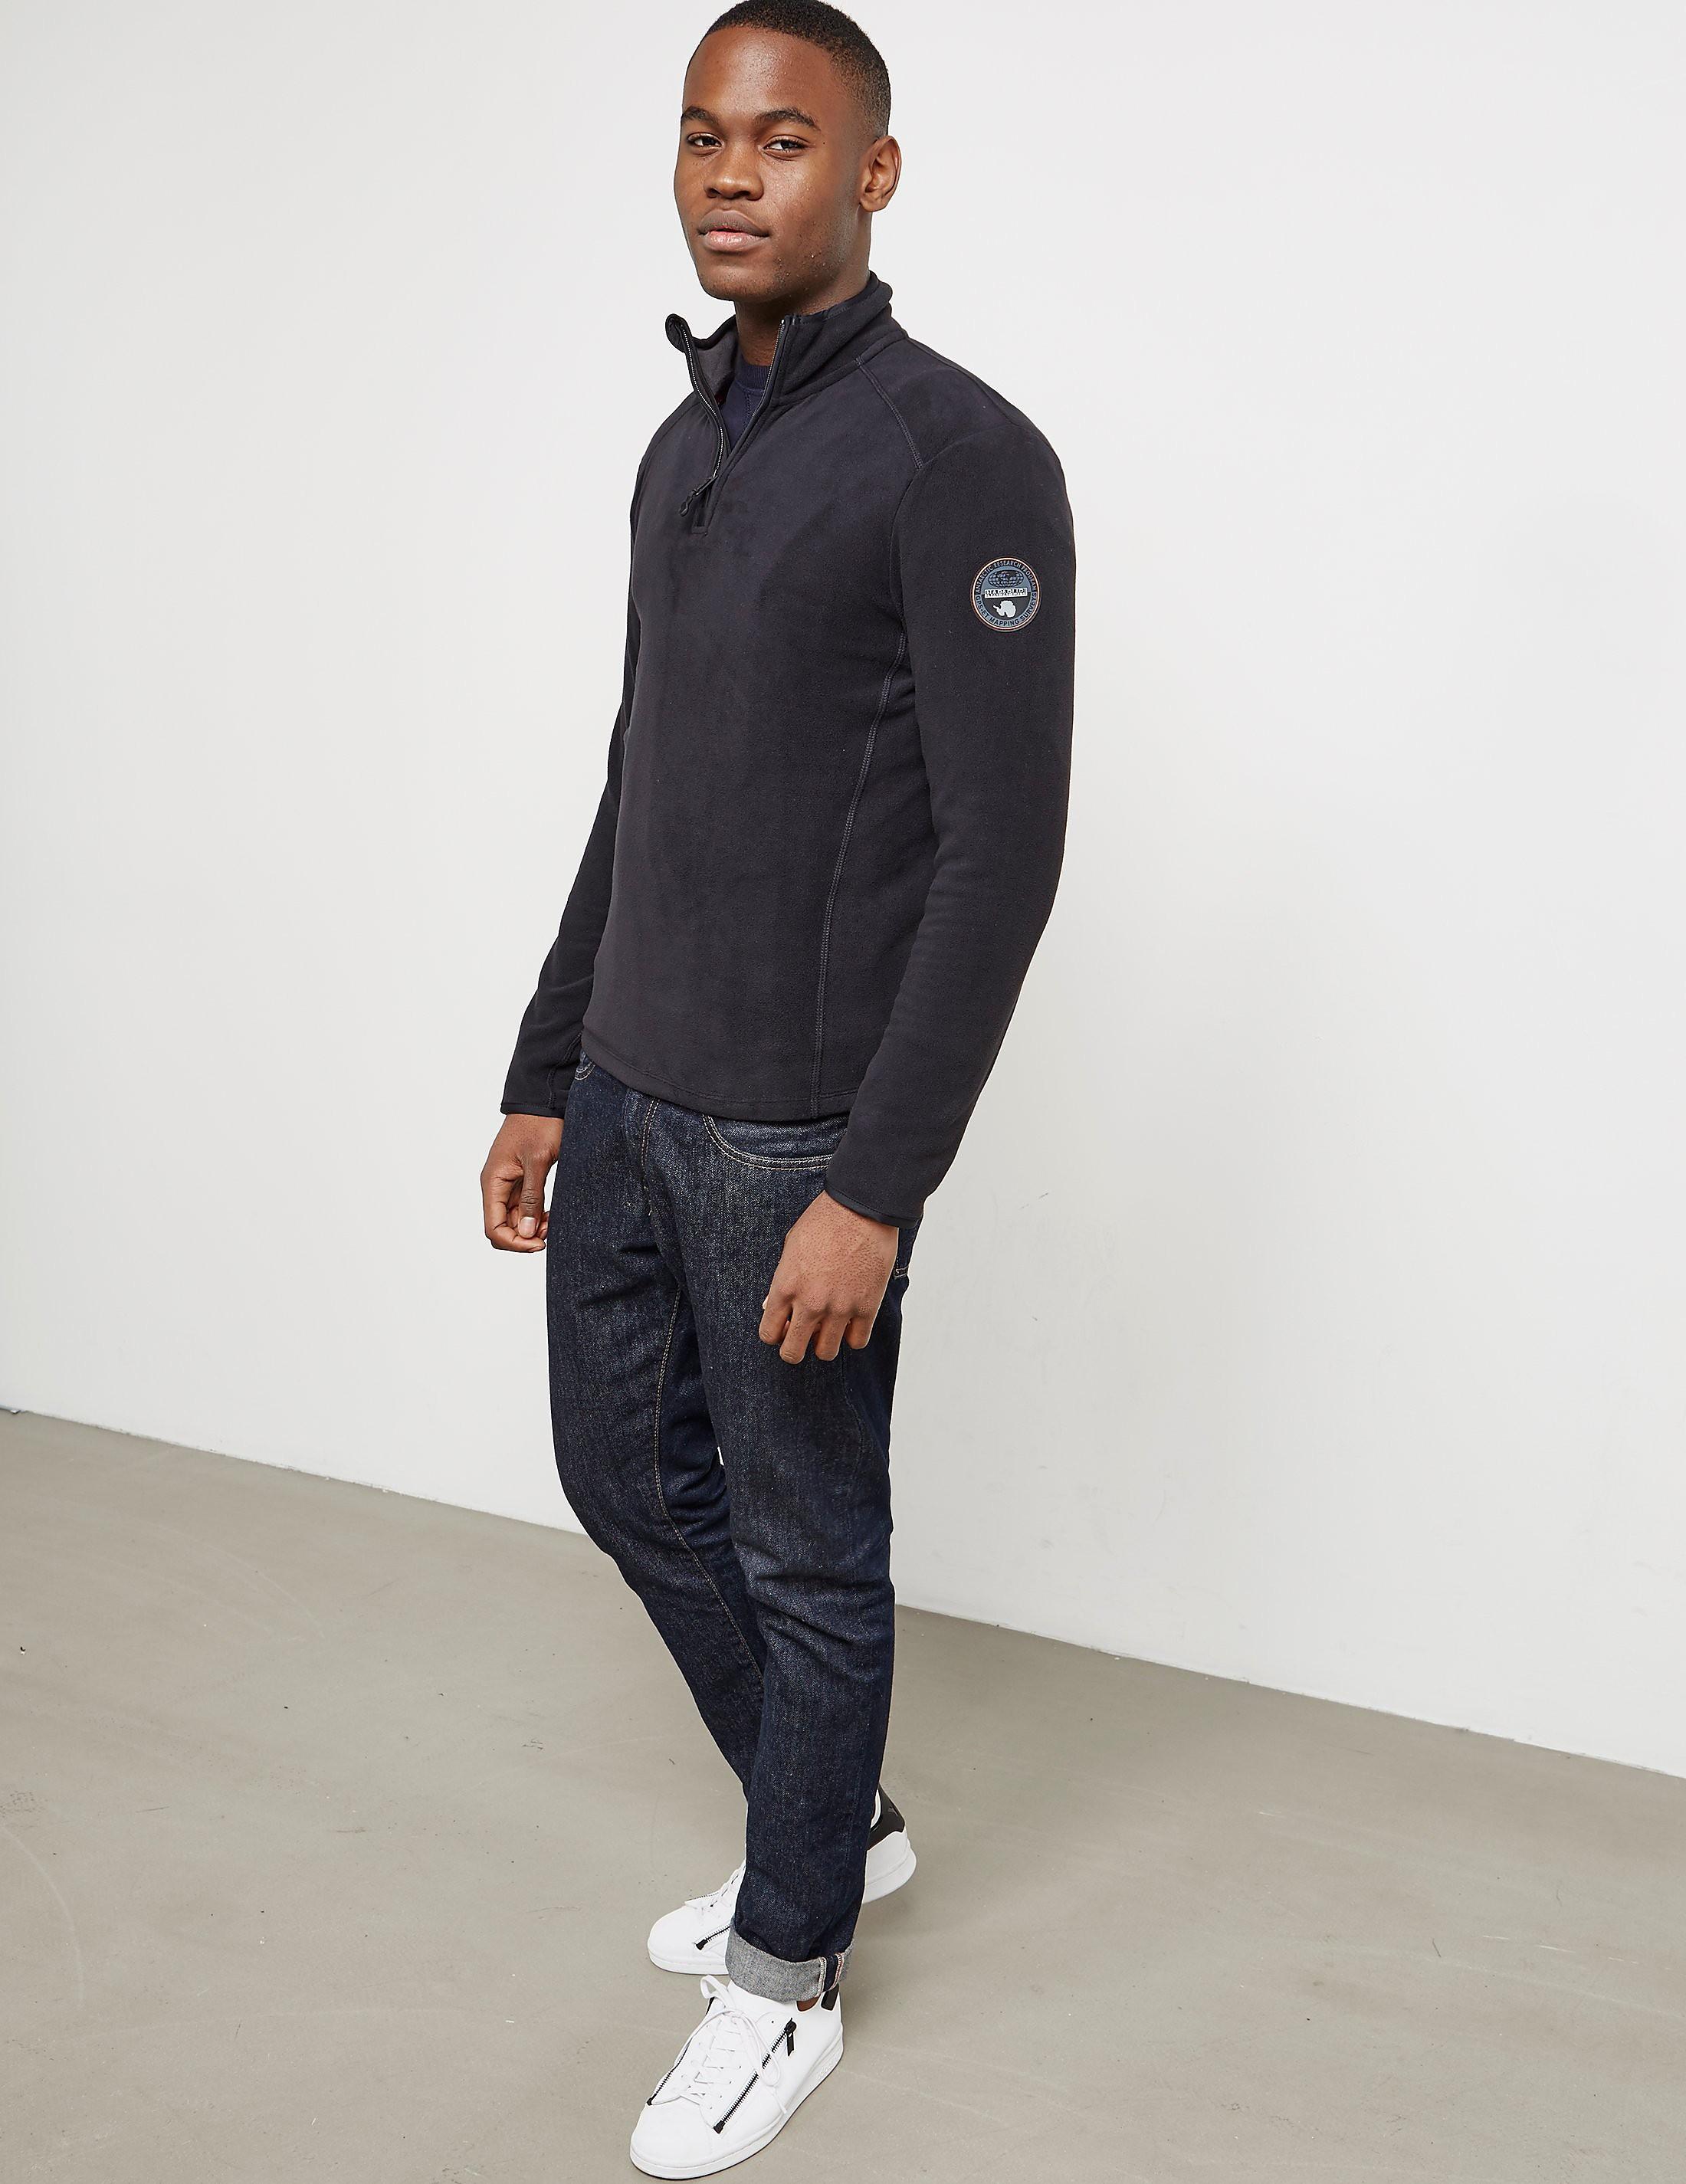 Napapijri Tambo Half Zip Sweatshirt